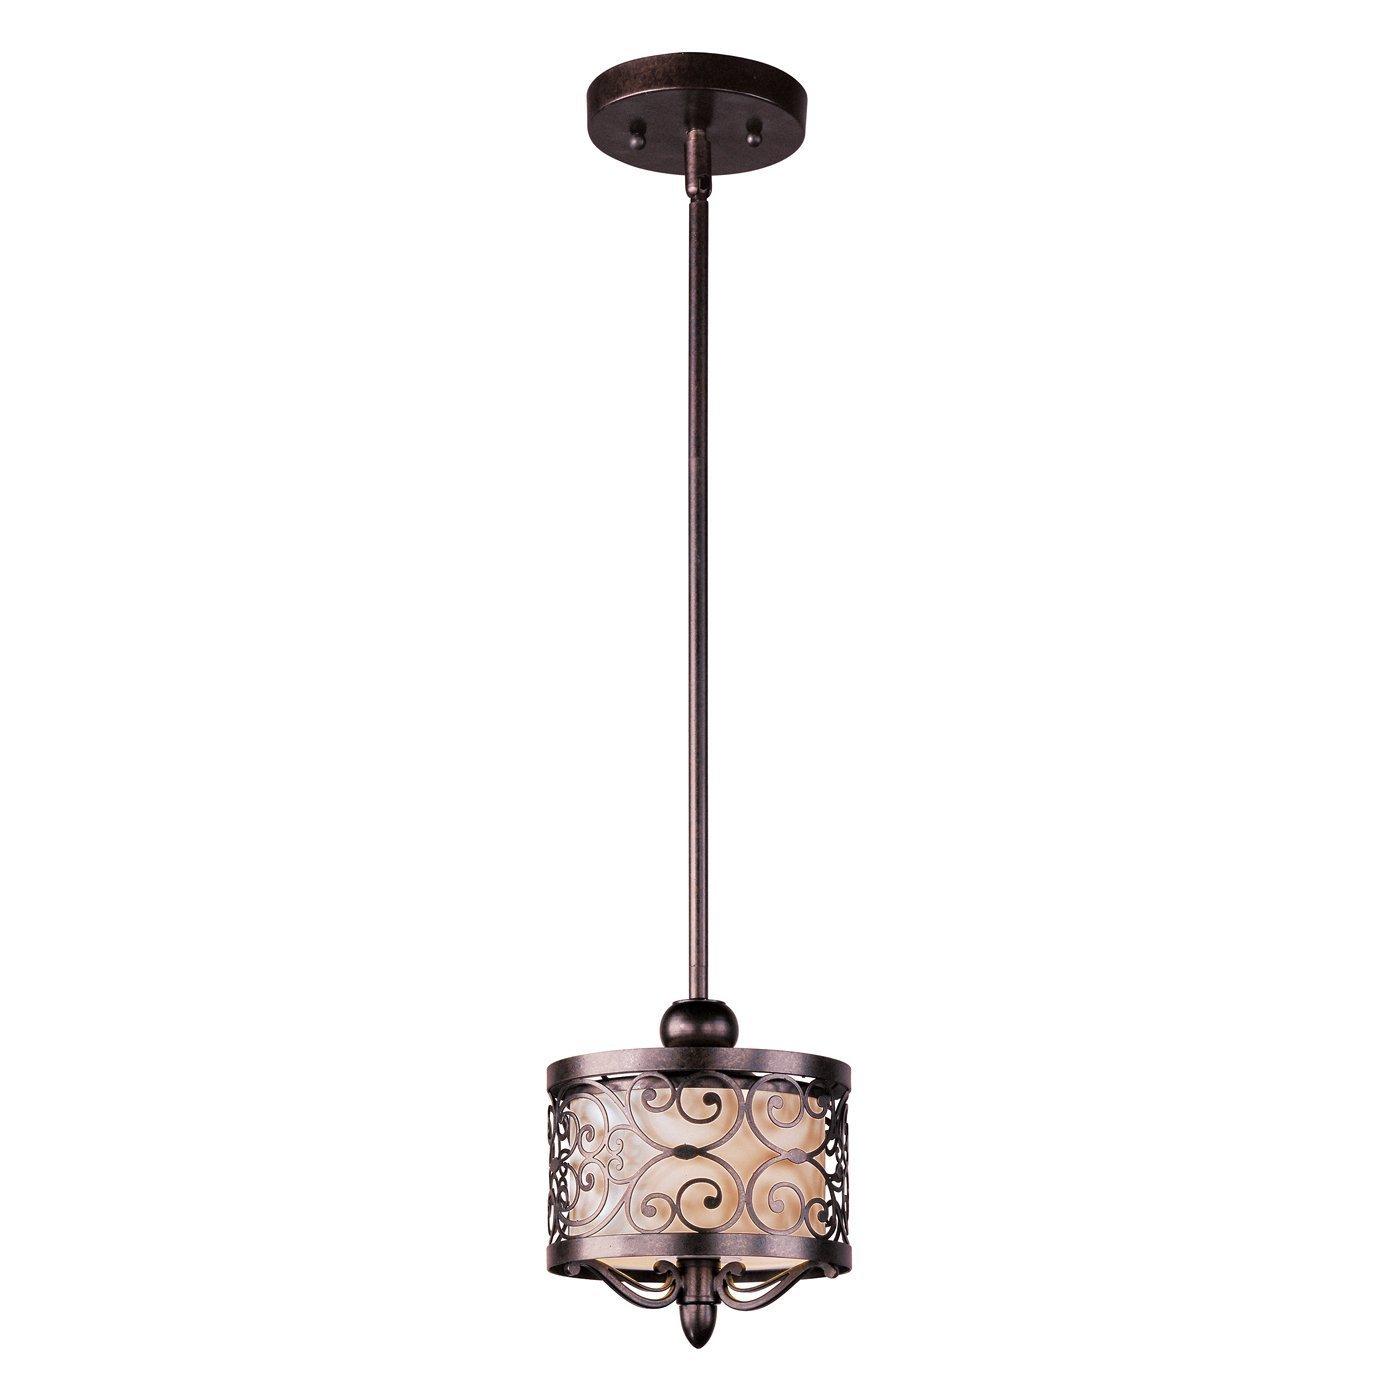 Maxim Lighting 91150WHUB Mondrian 1-Light Mini Pendant, Umber Bronze Finish with Off White Fabric Shade